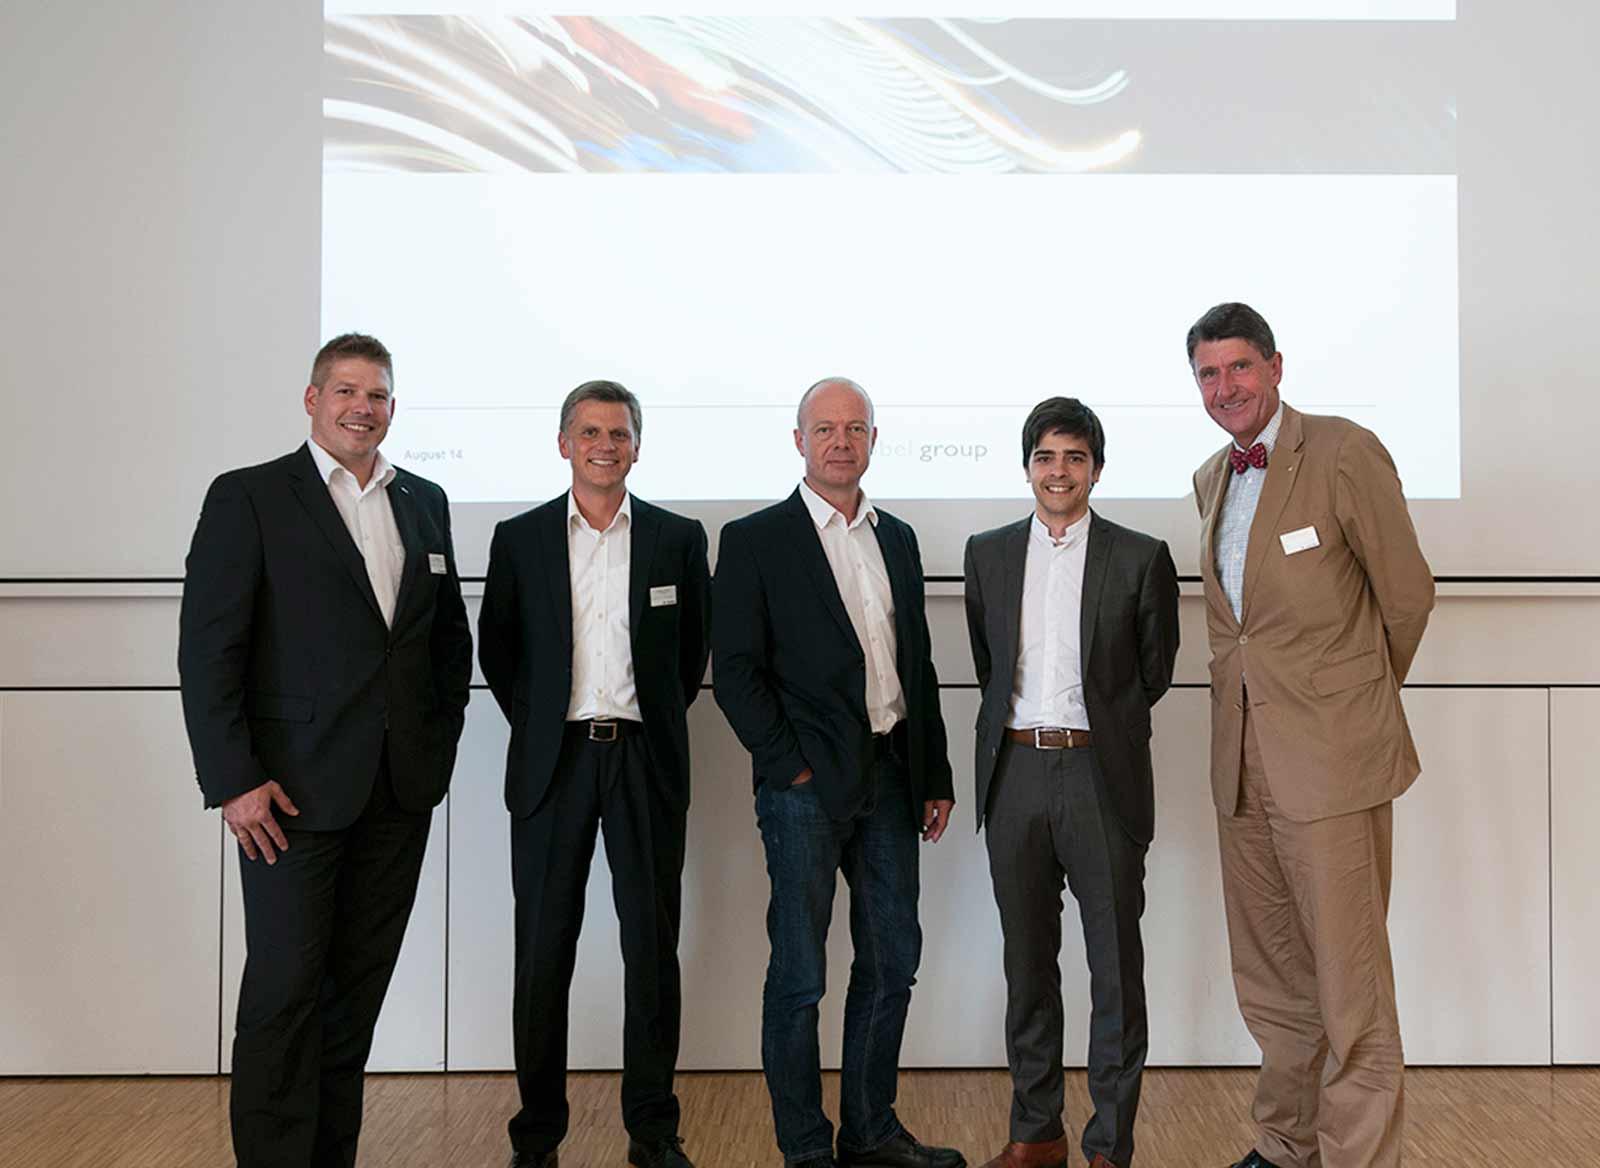 Architekt Matthias Wehrle, ATP kfp architekten ingenieure, Zürich (2.v.l.) und ATP CEO und Vorstand der IG Lebenszyklus Christoph Achammer (rechts), Foto: Zumtobel Group